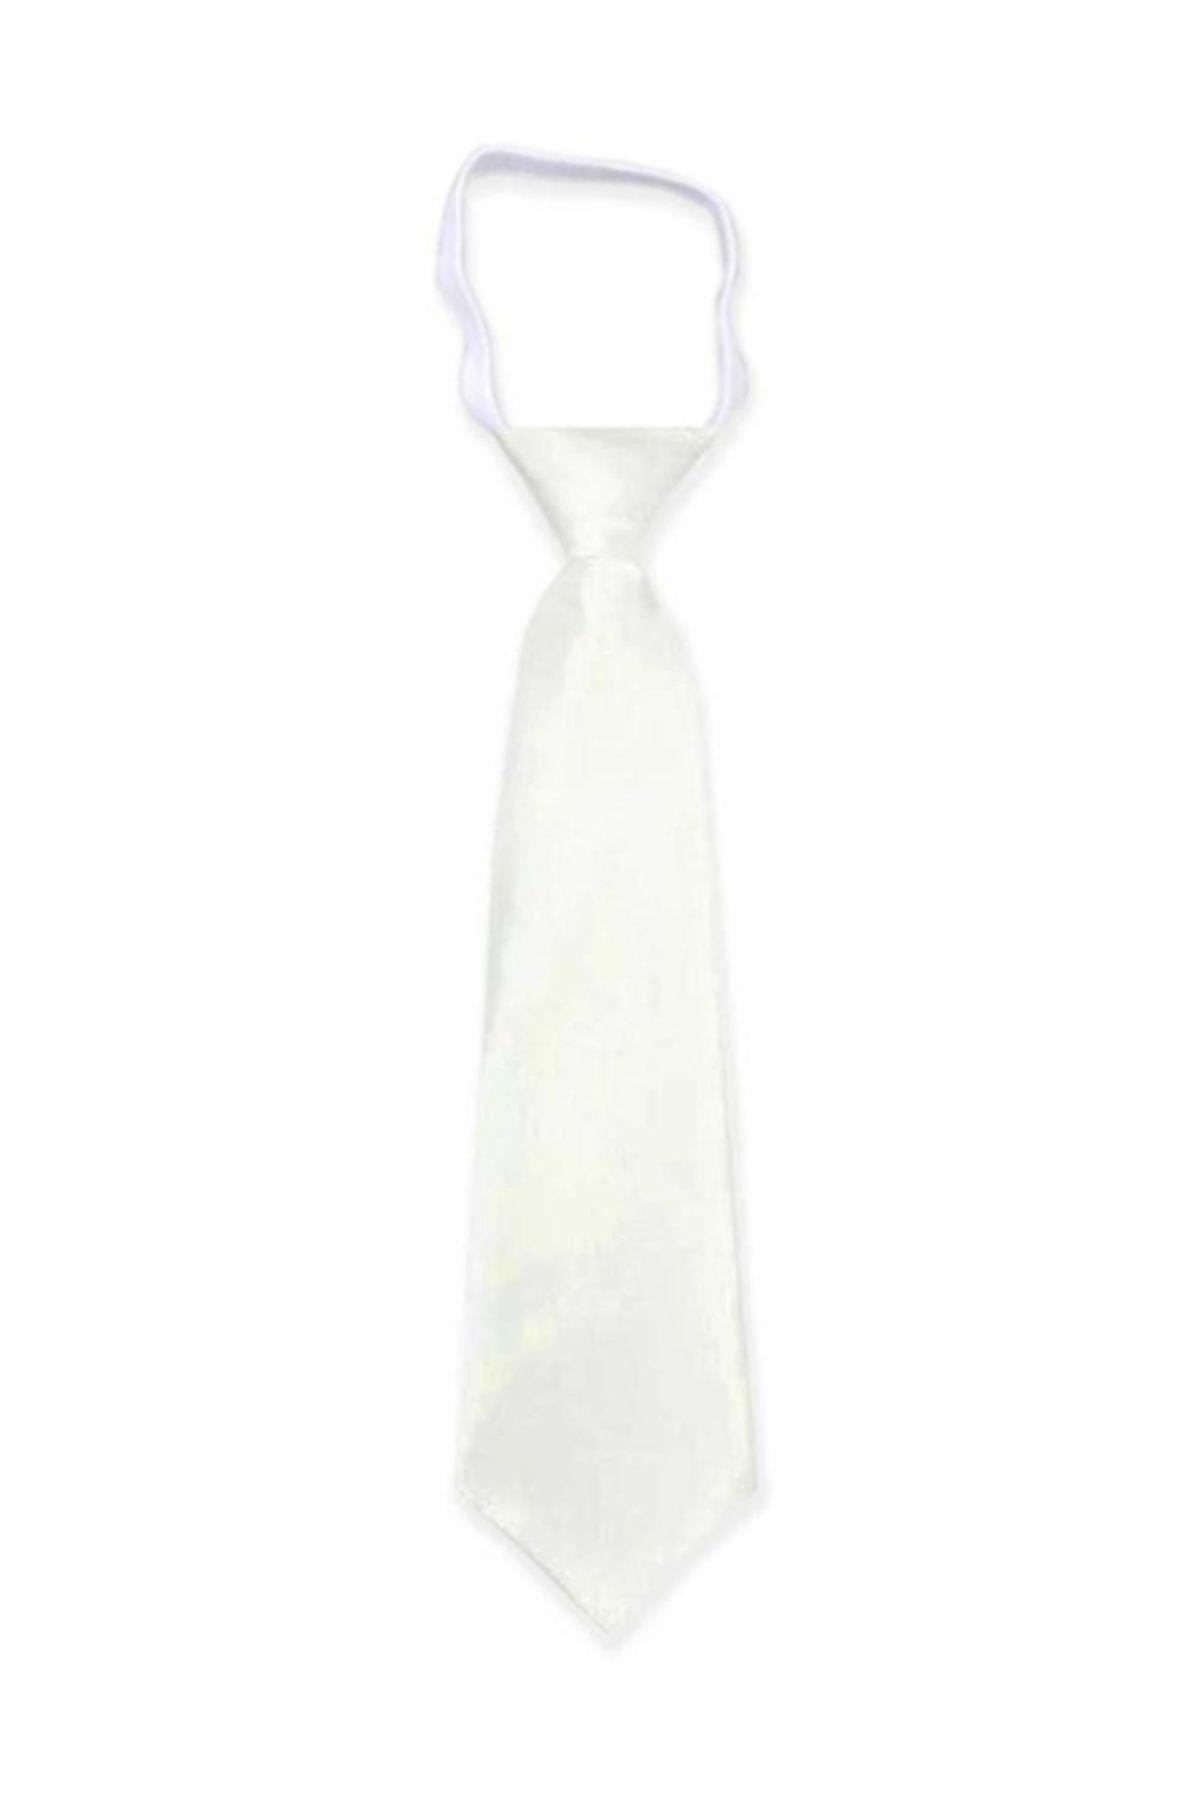 کراوات بچه گانه پسرانه اصل برند Babexi کد ty31940449